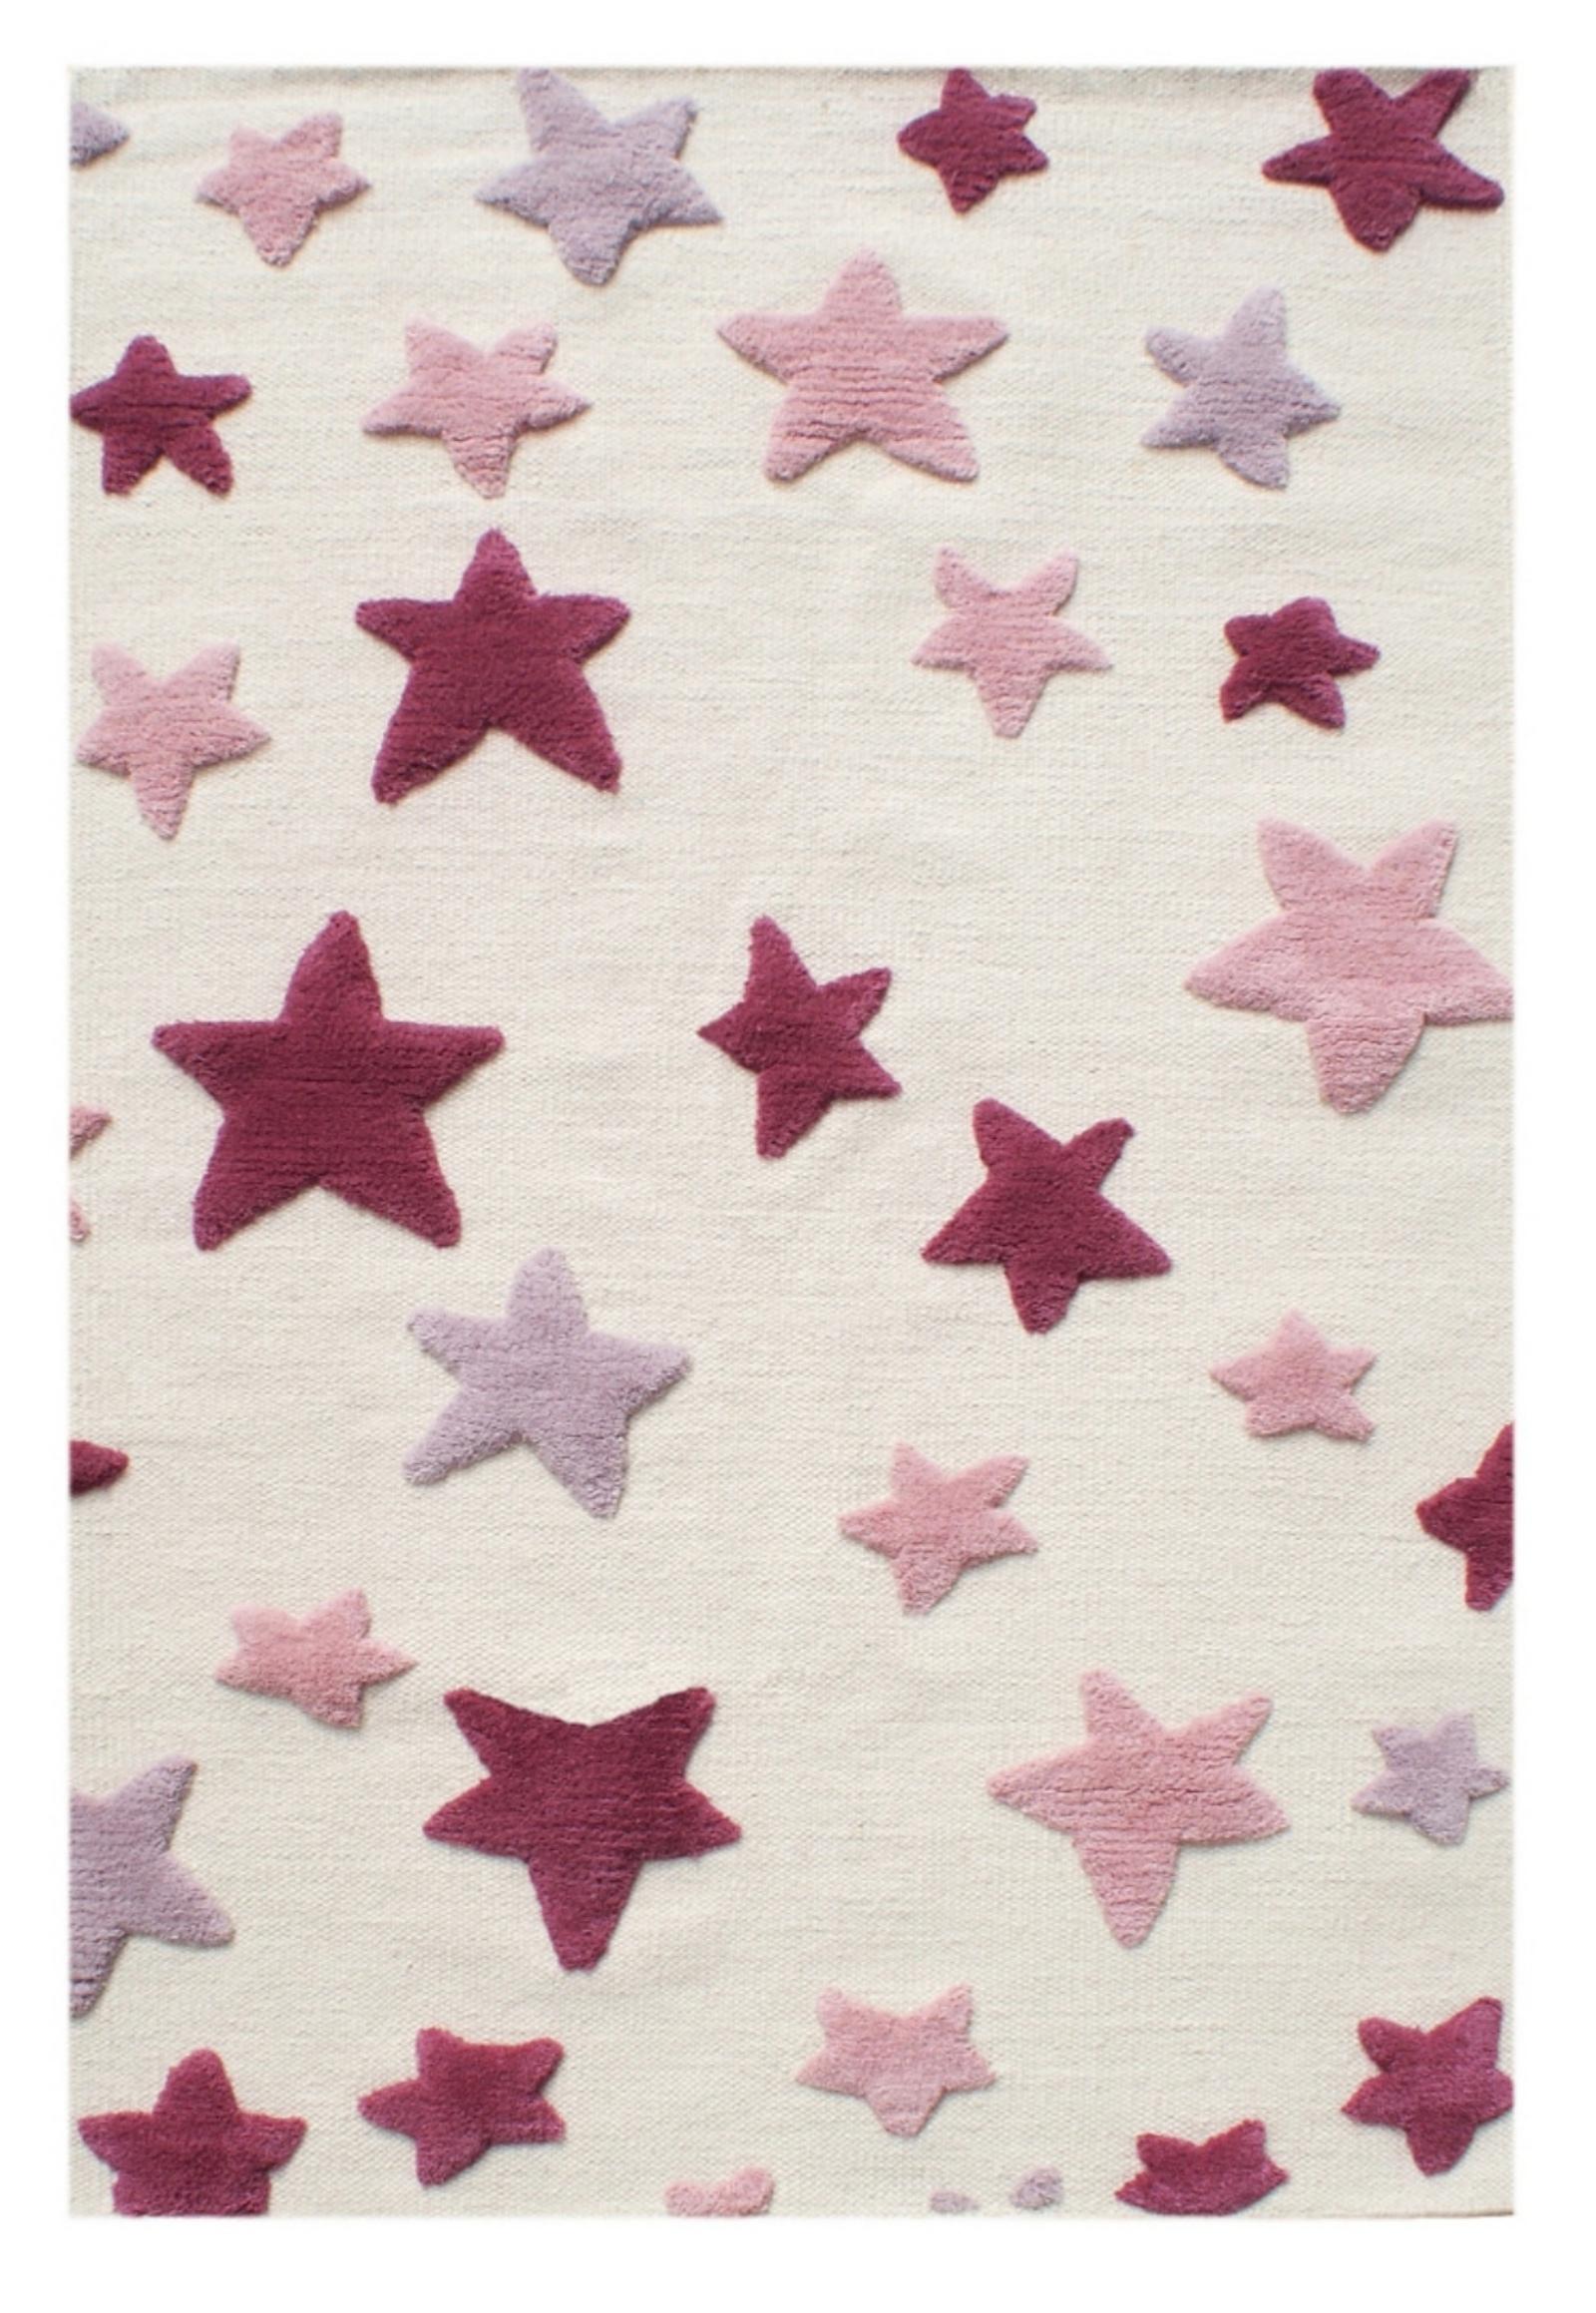 Dětský vlněný koberec hvězdy - natural/červená 120x180 cm